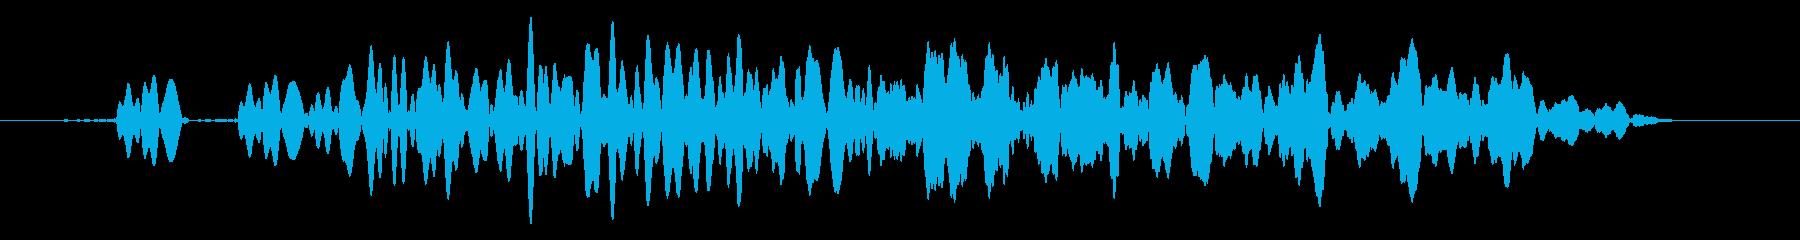 キャンセル/メニュー画面の演出に最適!4の再生済みの波形